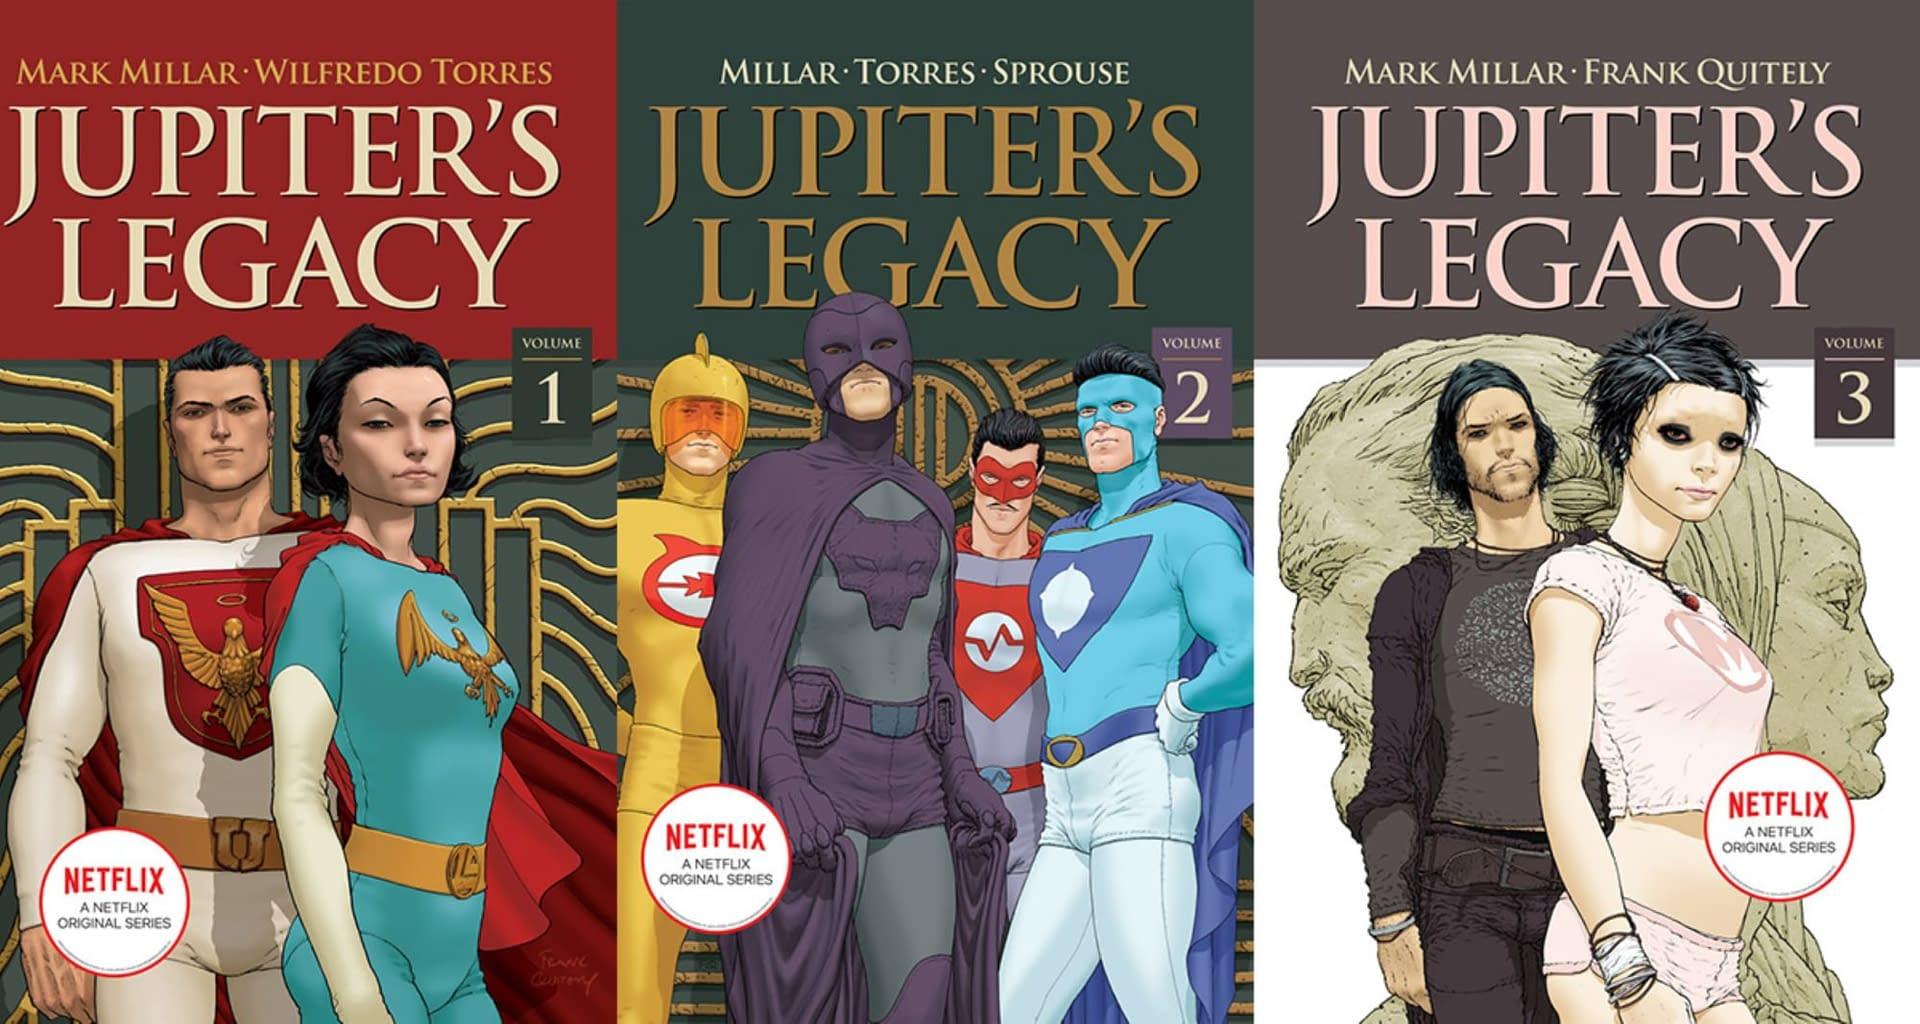 Mark Millar's Plans For Jupiter's Legacy 3, Prodigy 2 and John Romita